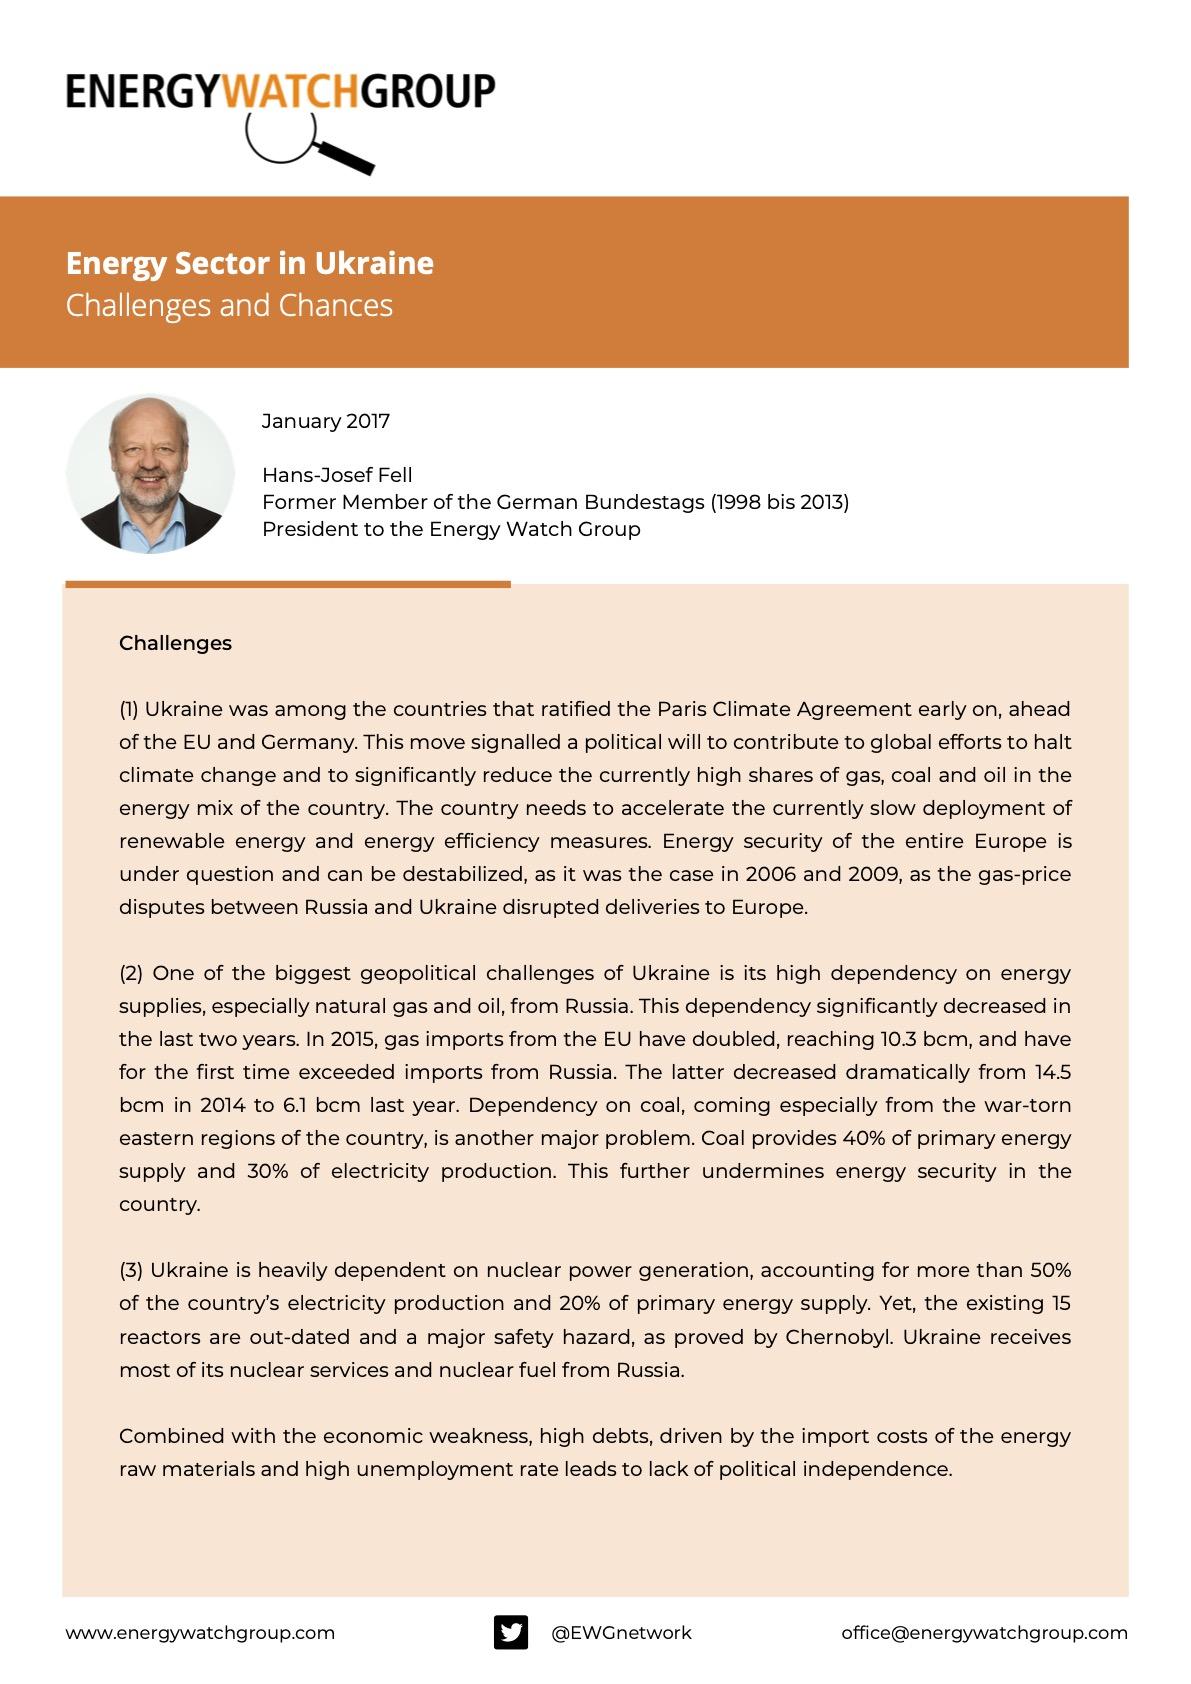 ENERGY SECTOR IN UKRAINE CHALLENGES AND CHANCES Kopie